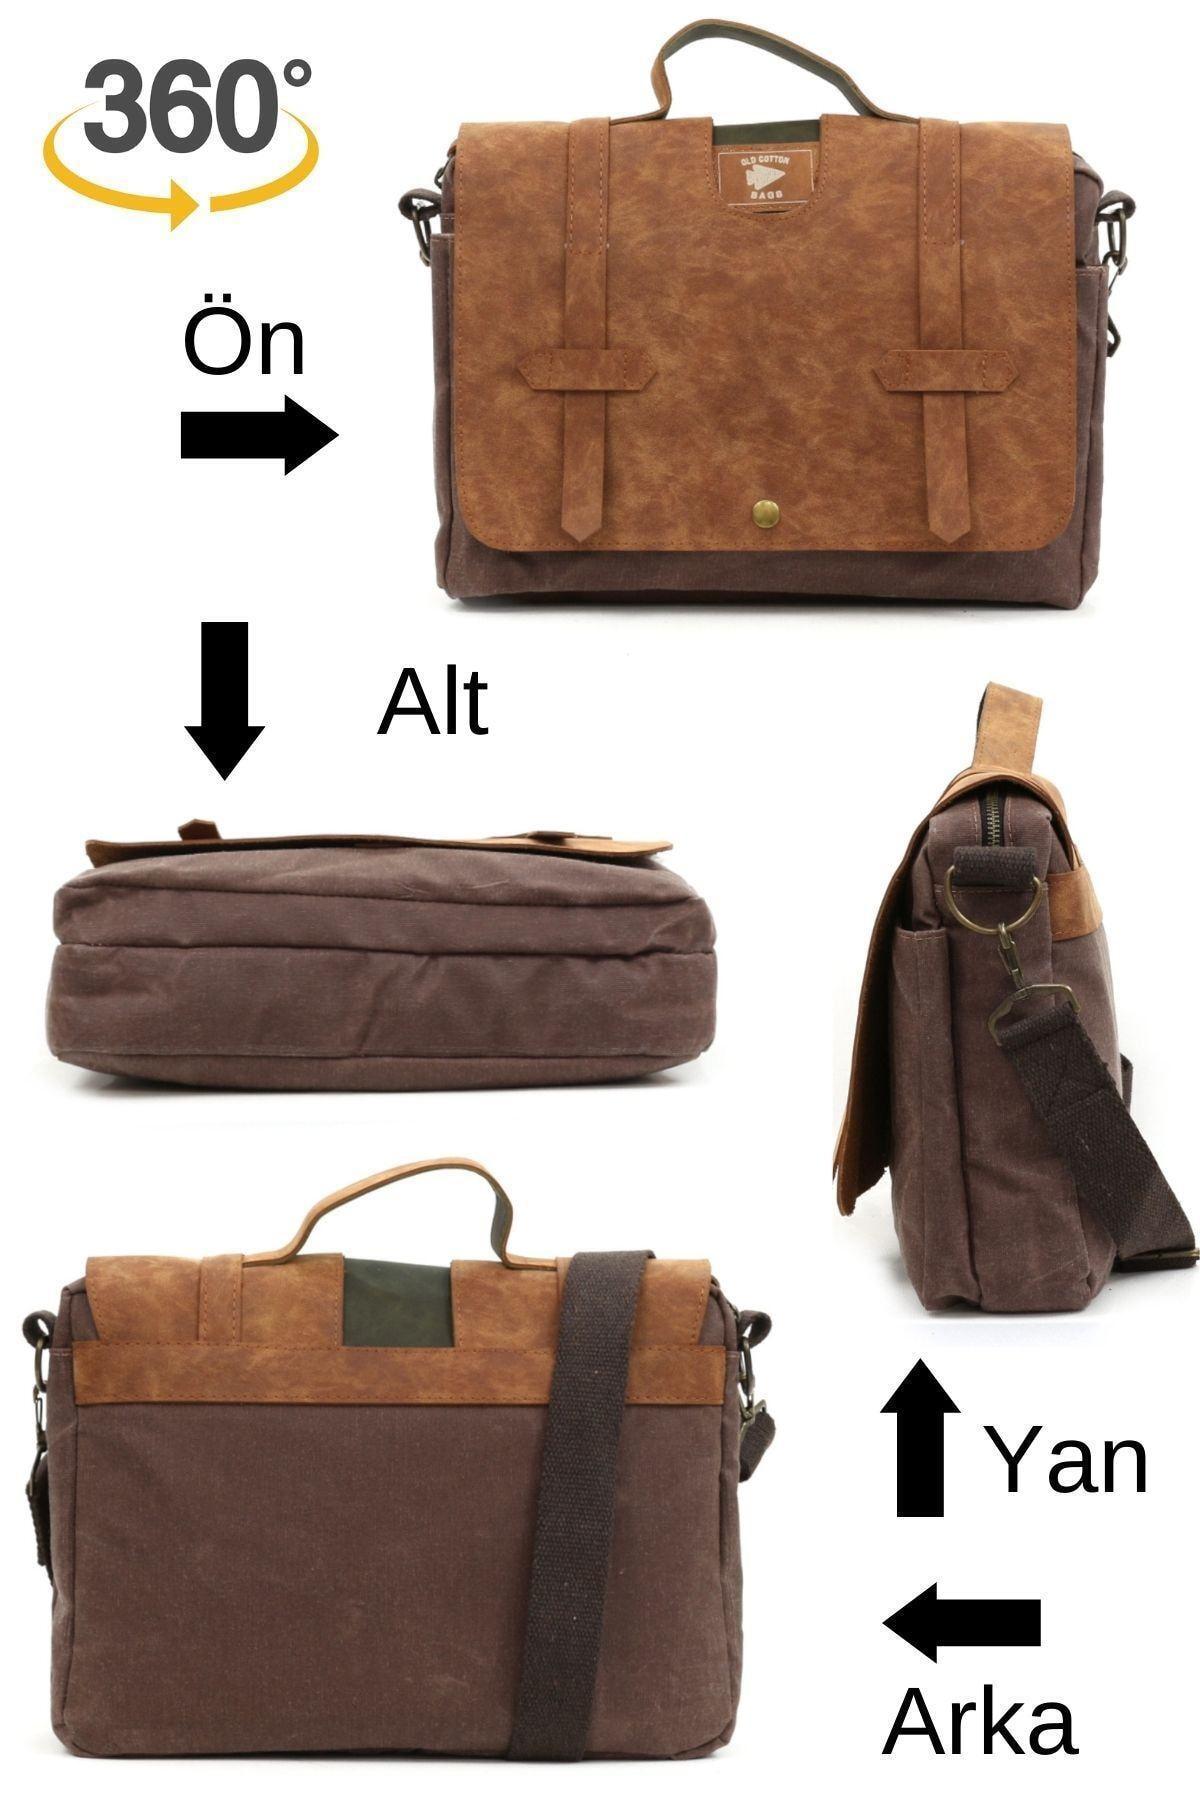 Old Cotton 7073 New Cortland Su Geçirmez Omuz-evrak-seyahat-15inch Laptop-notebook Çantası Camel 2